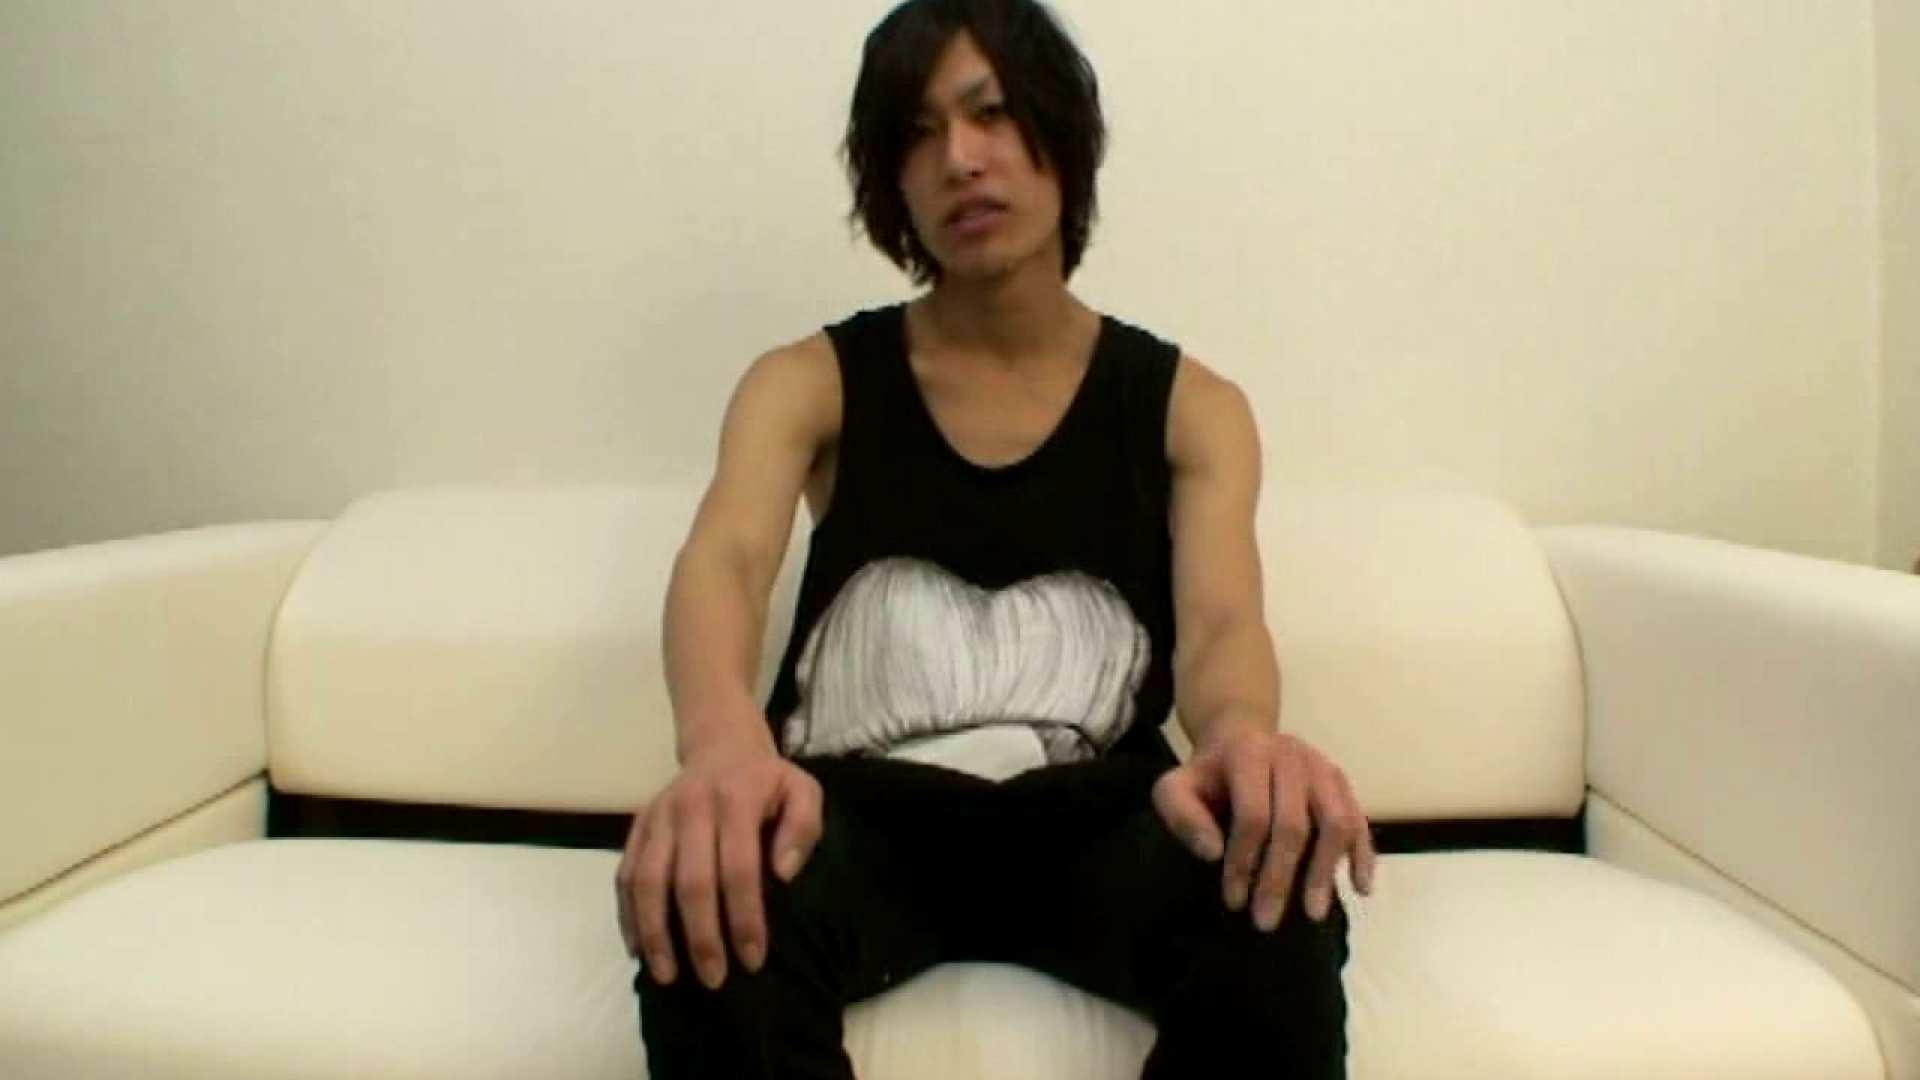 ノンケ!自慰スタジオ No.27 自慰   ノンケ達のセックス  82画像 25